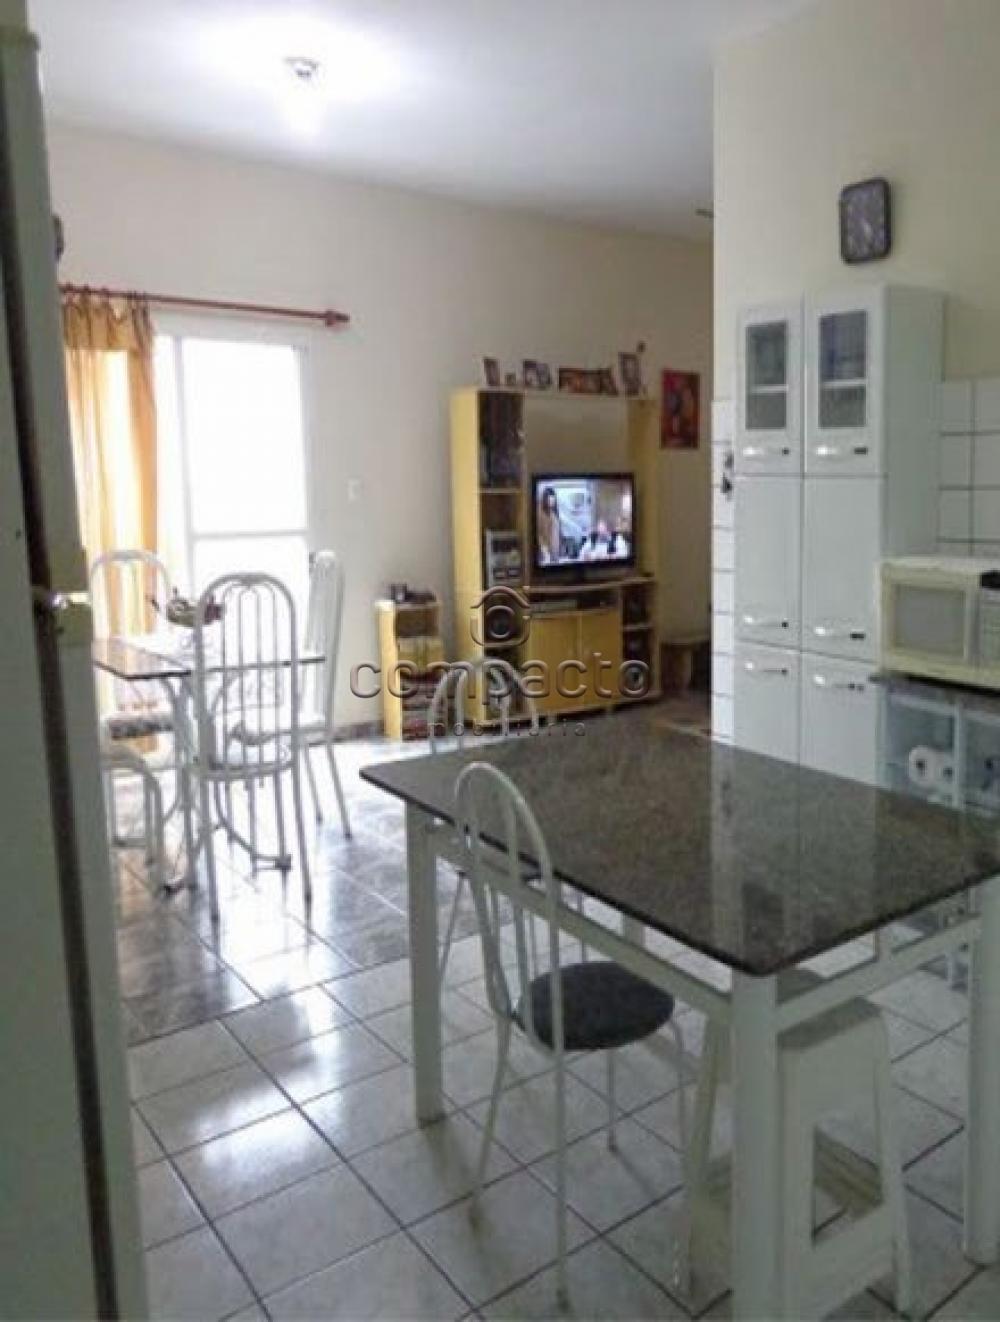 Comprar Casa / Padrão em São José do Rio Preto apenas R$ 460.000,00 - Foto 7